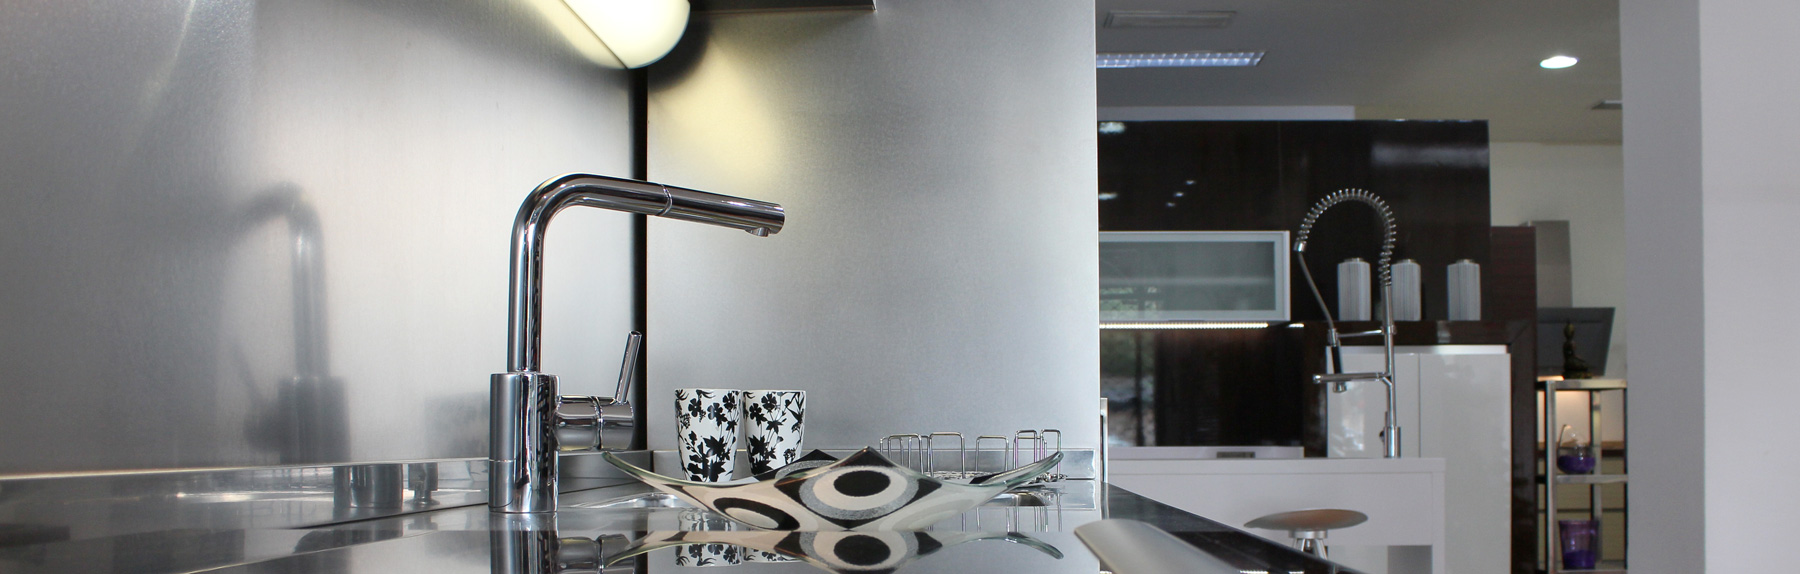 Tienda de muebles de Cocinas en Sevilla - Dicomo Cocinas